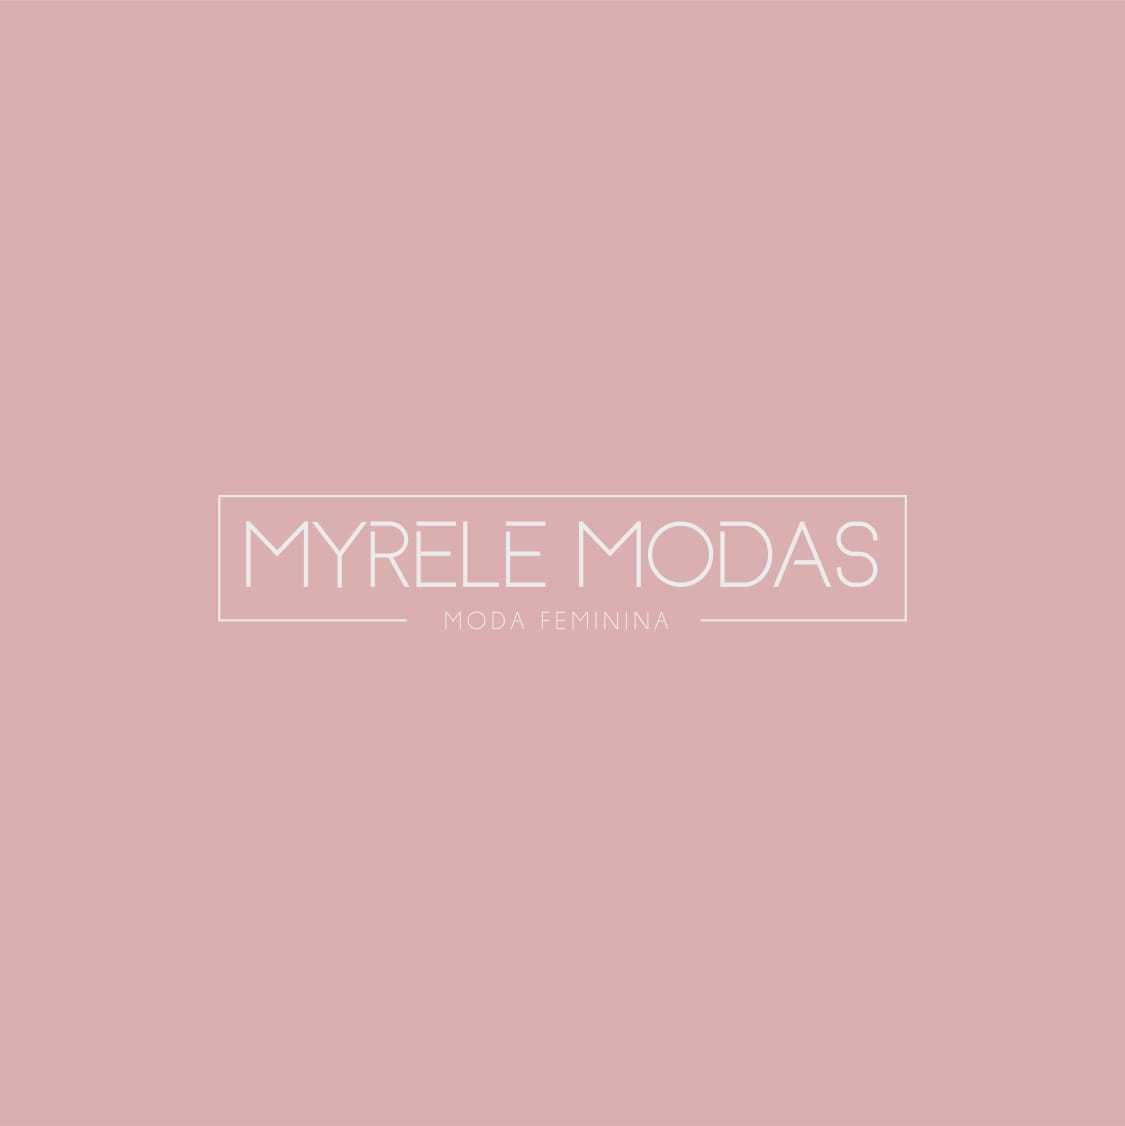 Myrele Modas